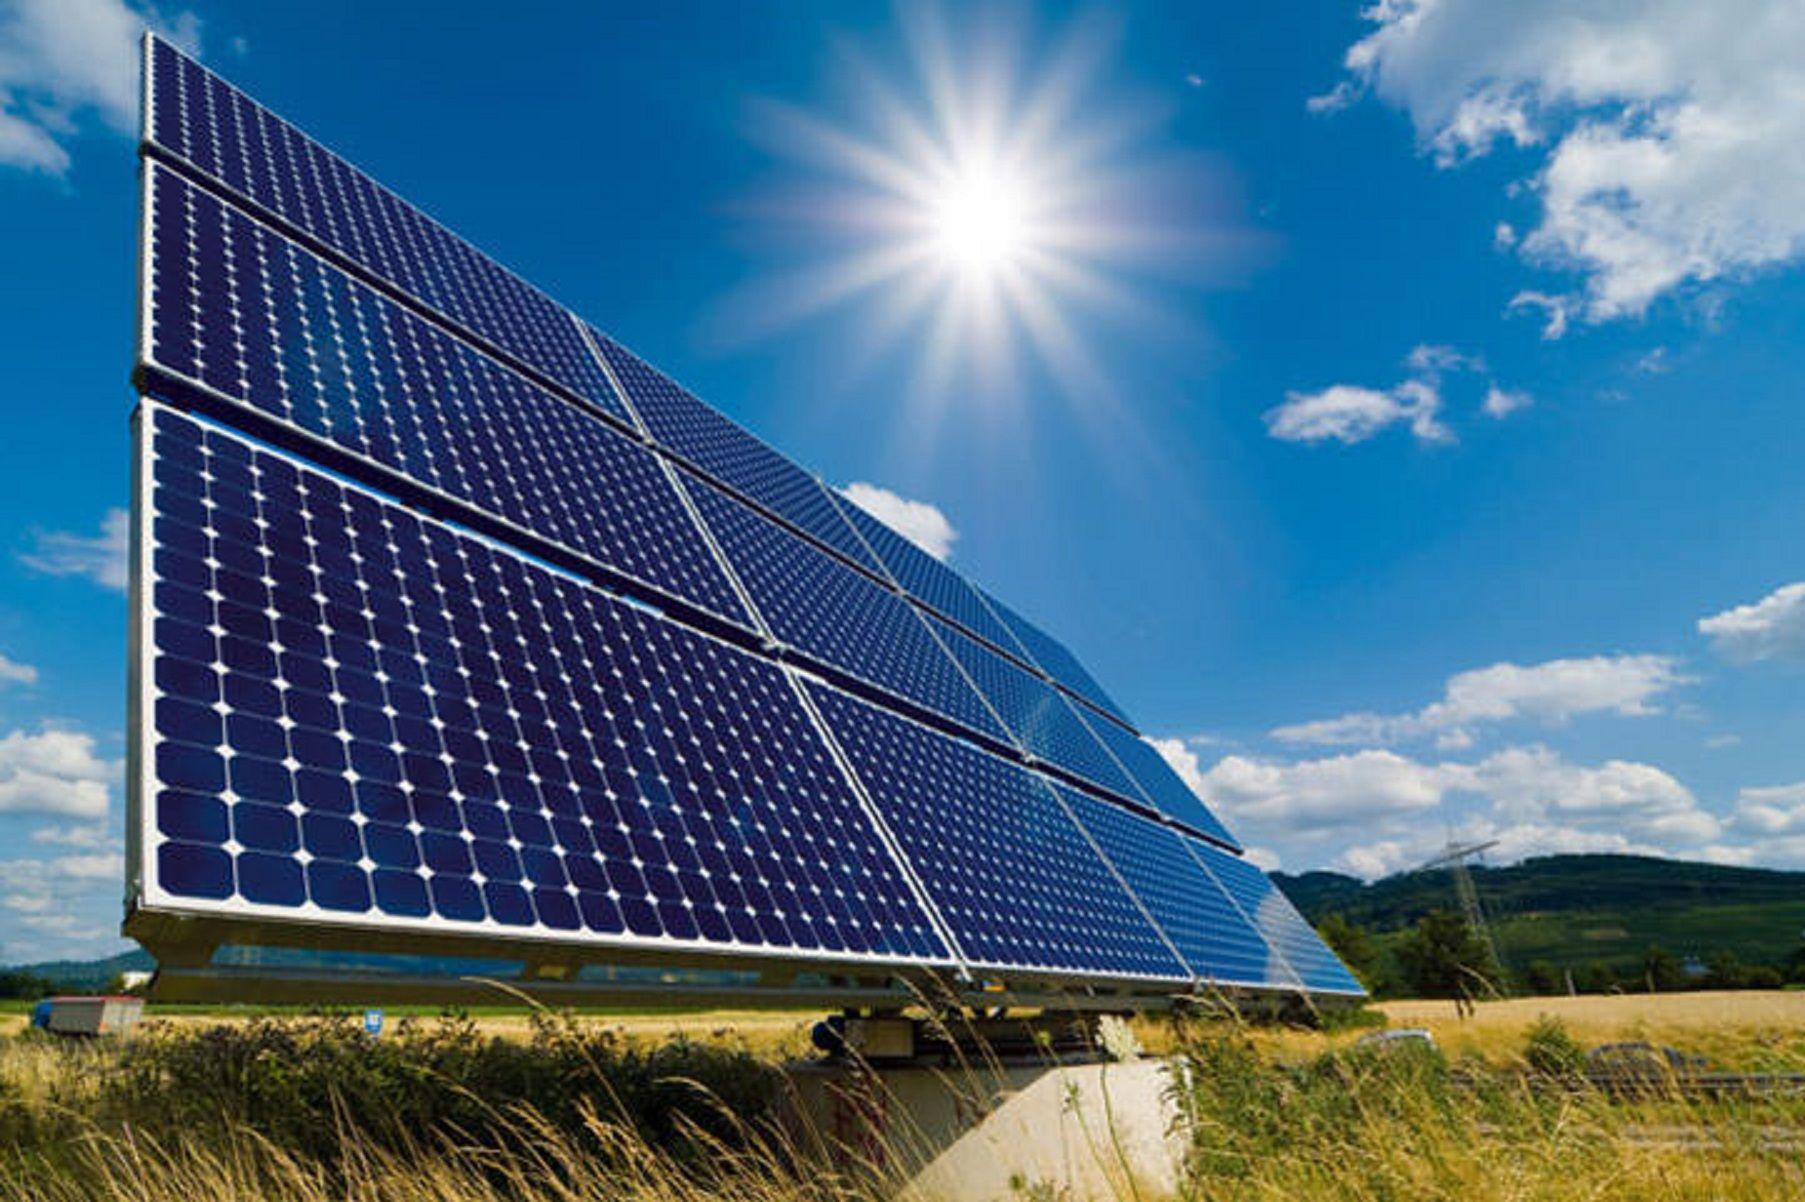 Un descubrimiento argentino permite aprovechar más la energía solar